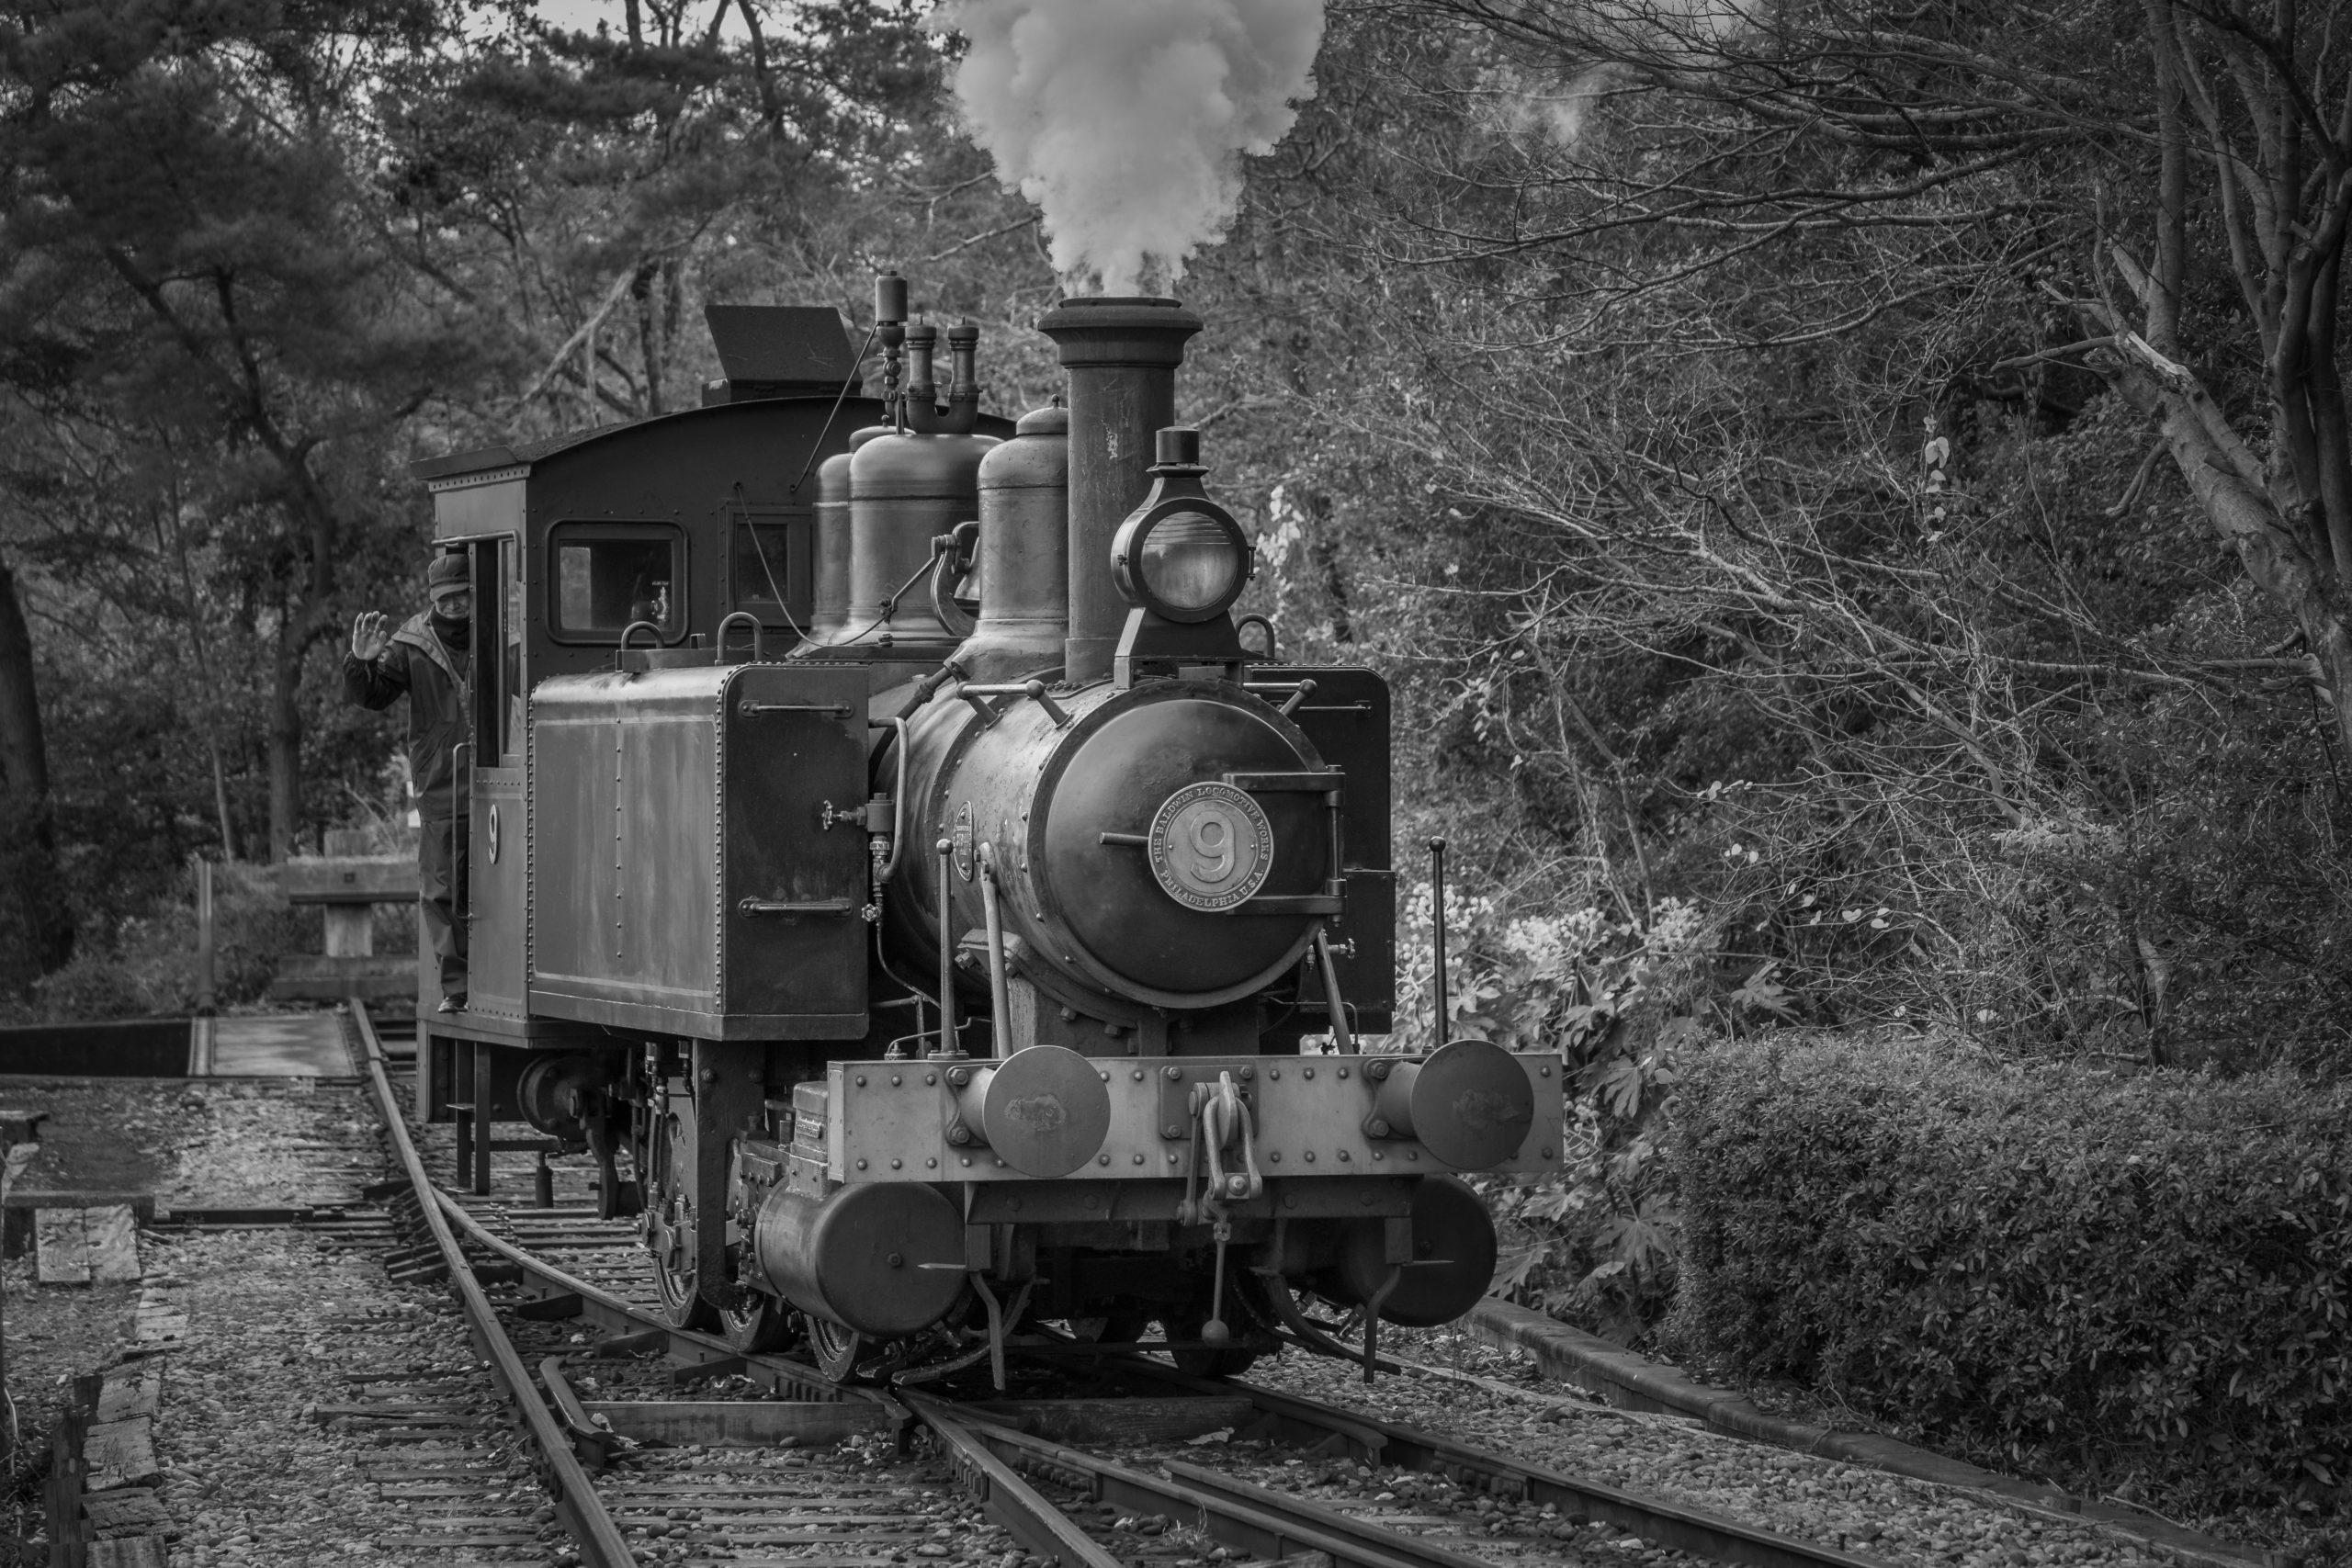 オート先生の総回診:テーマ「電車のある風景」2